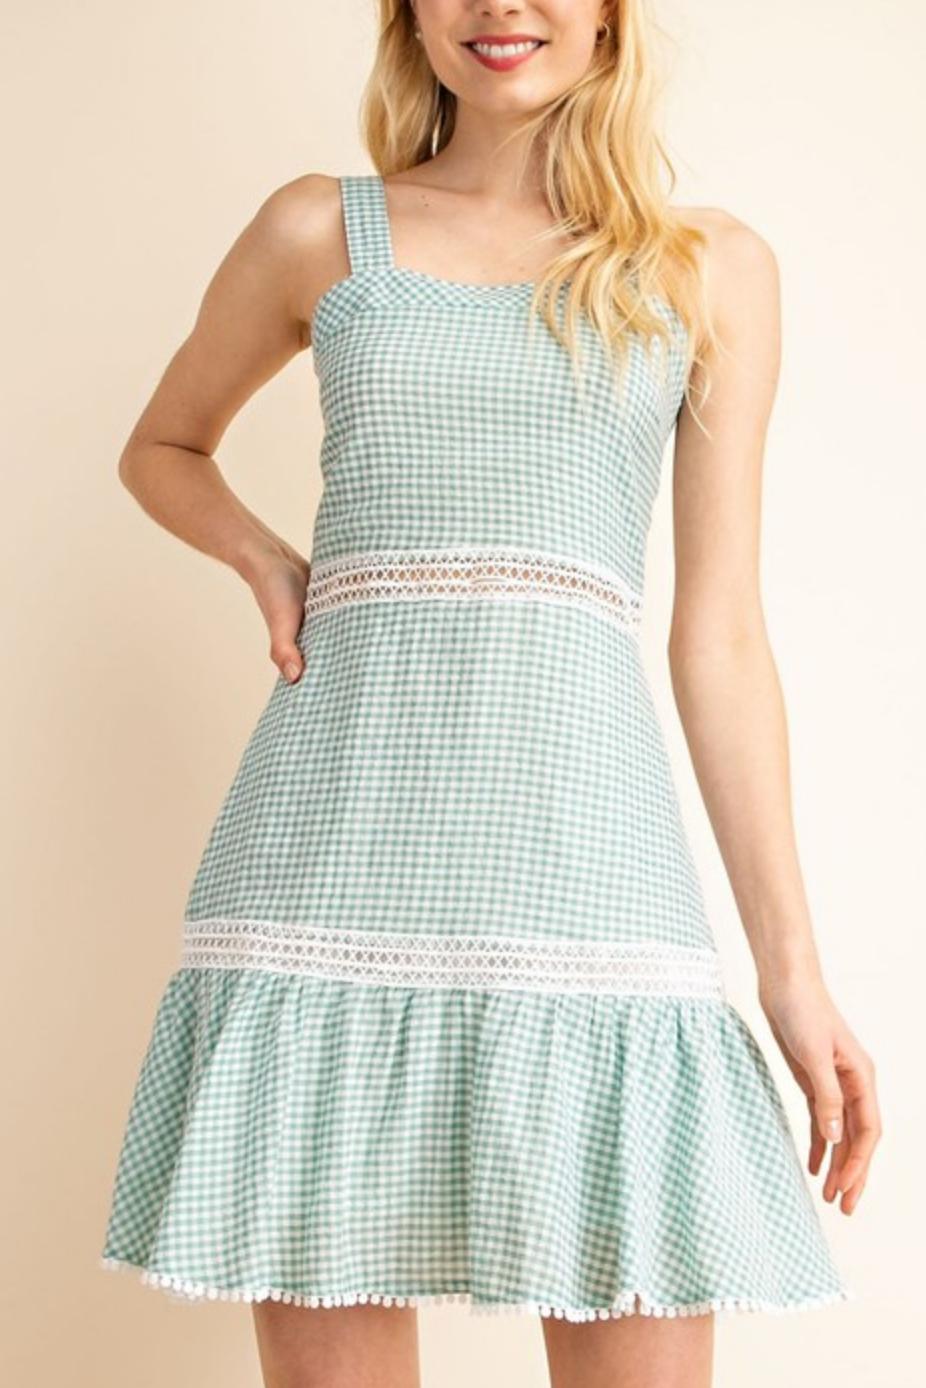 Gilli Road Trip Dress